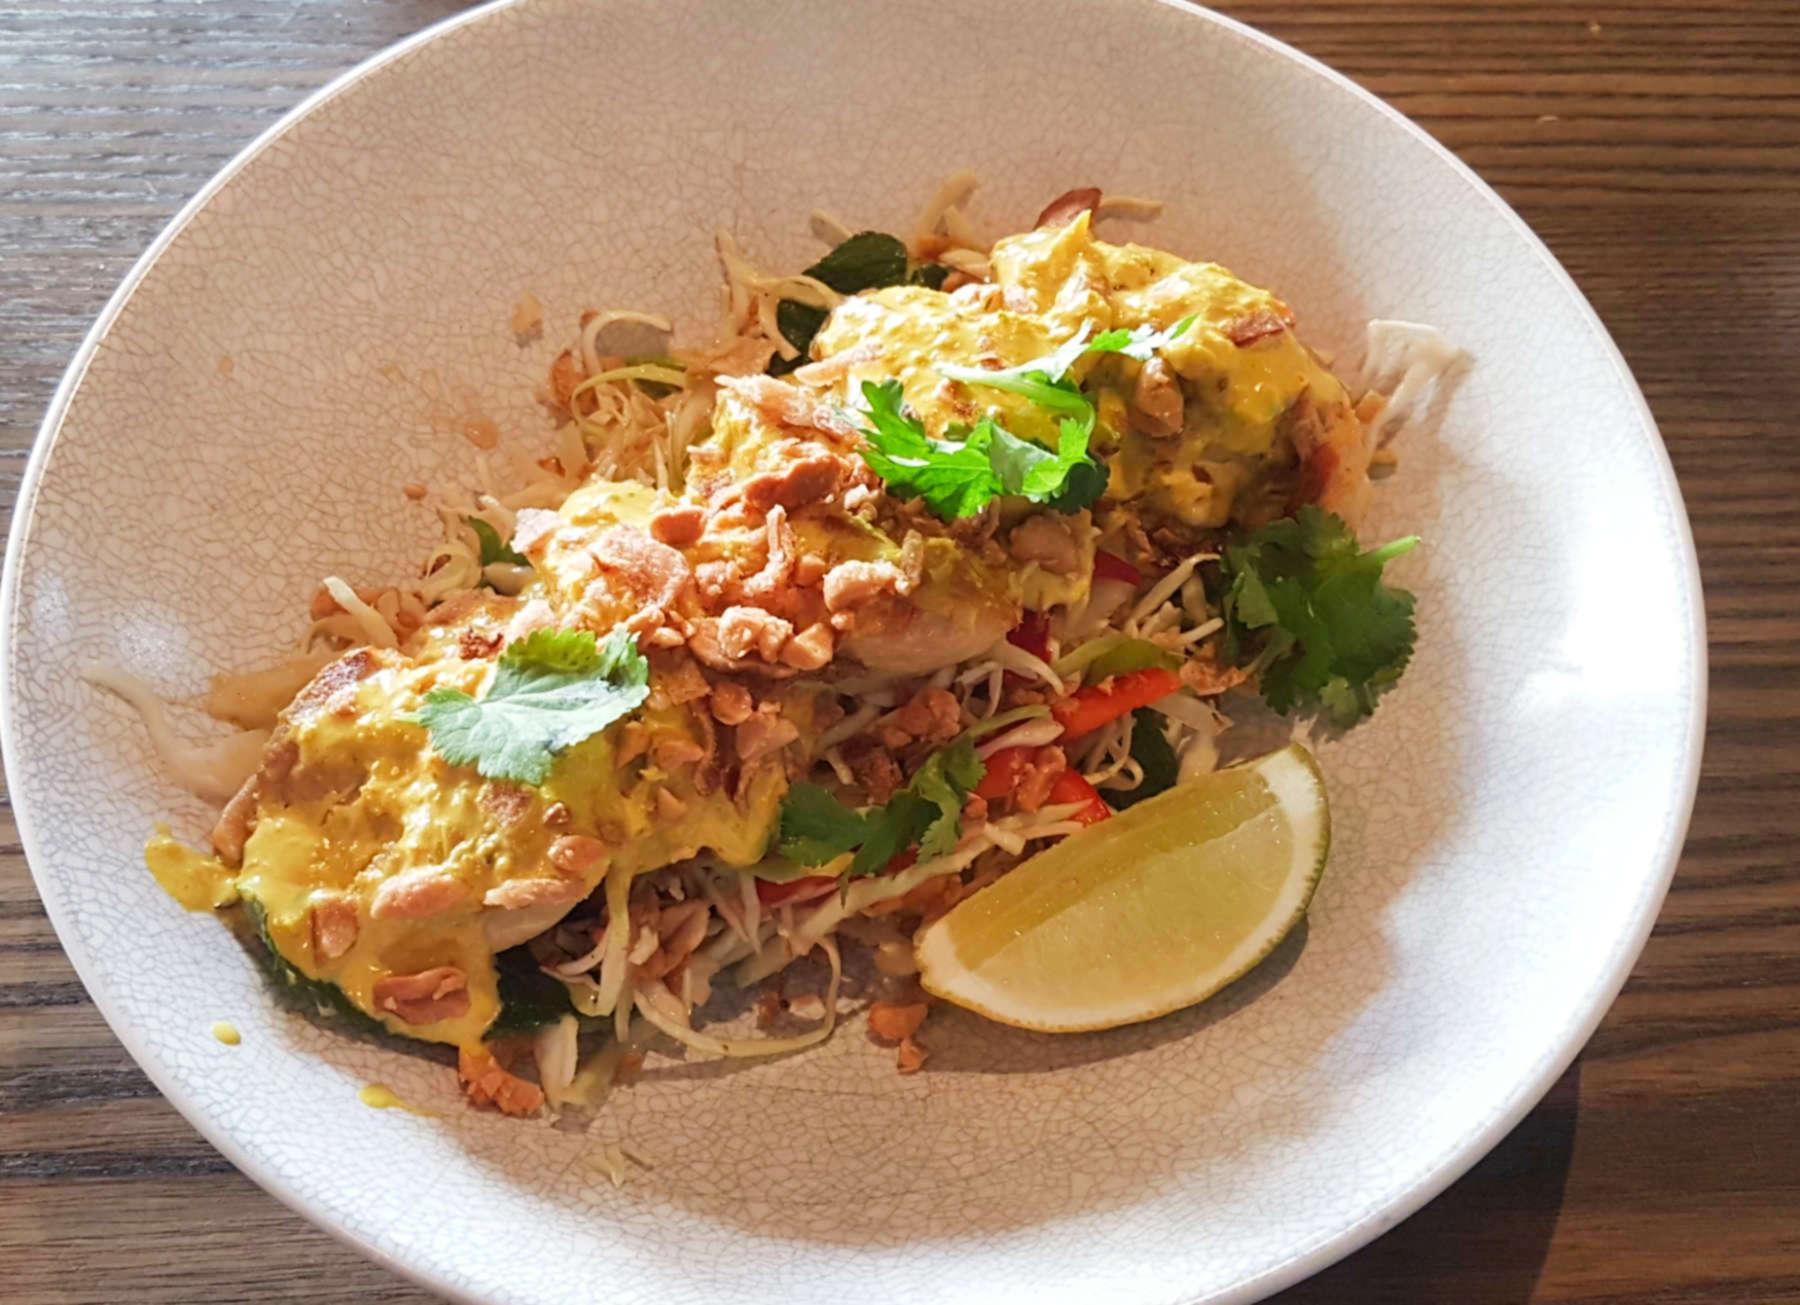 Bellbird Eatery - Vietnamese chicken salad